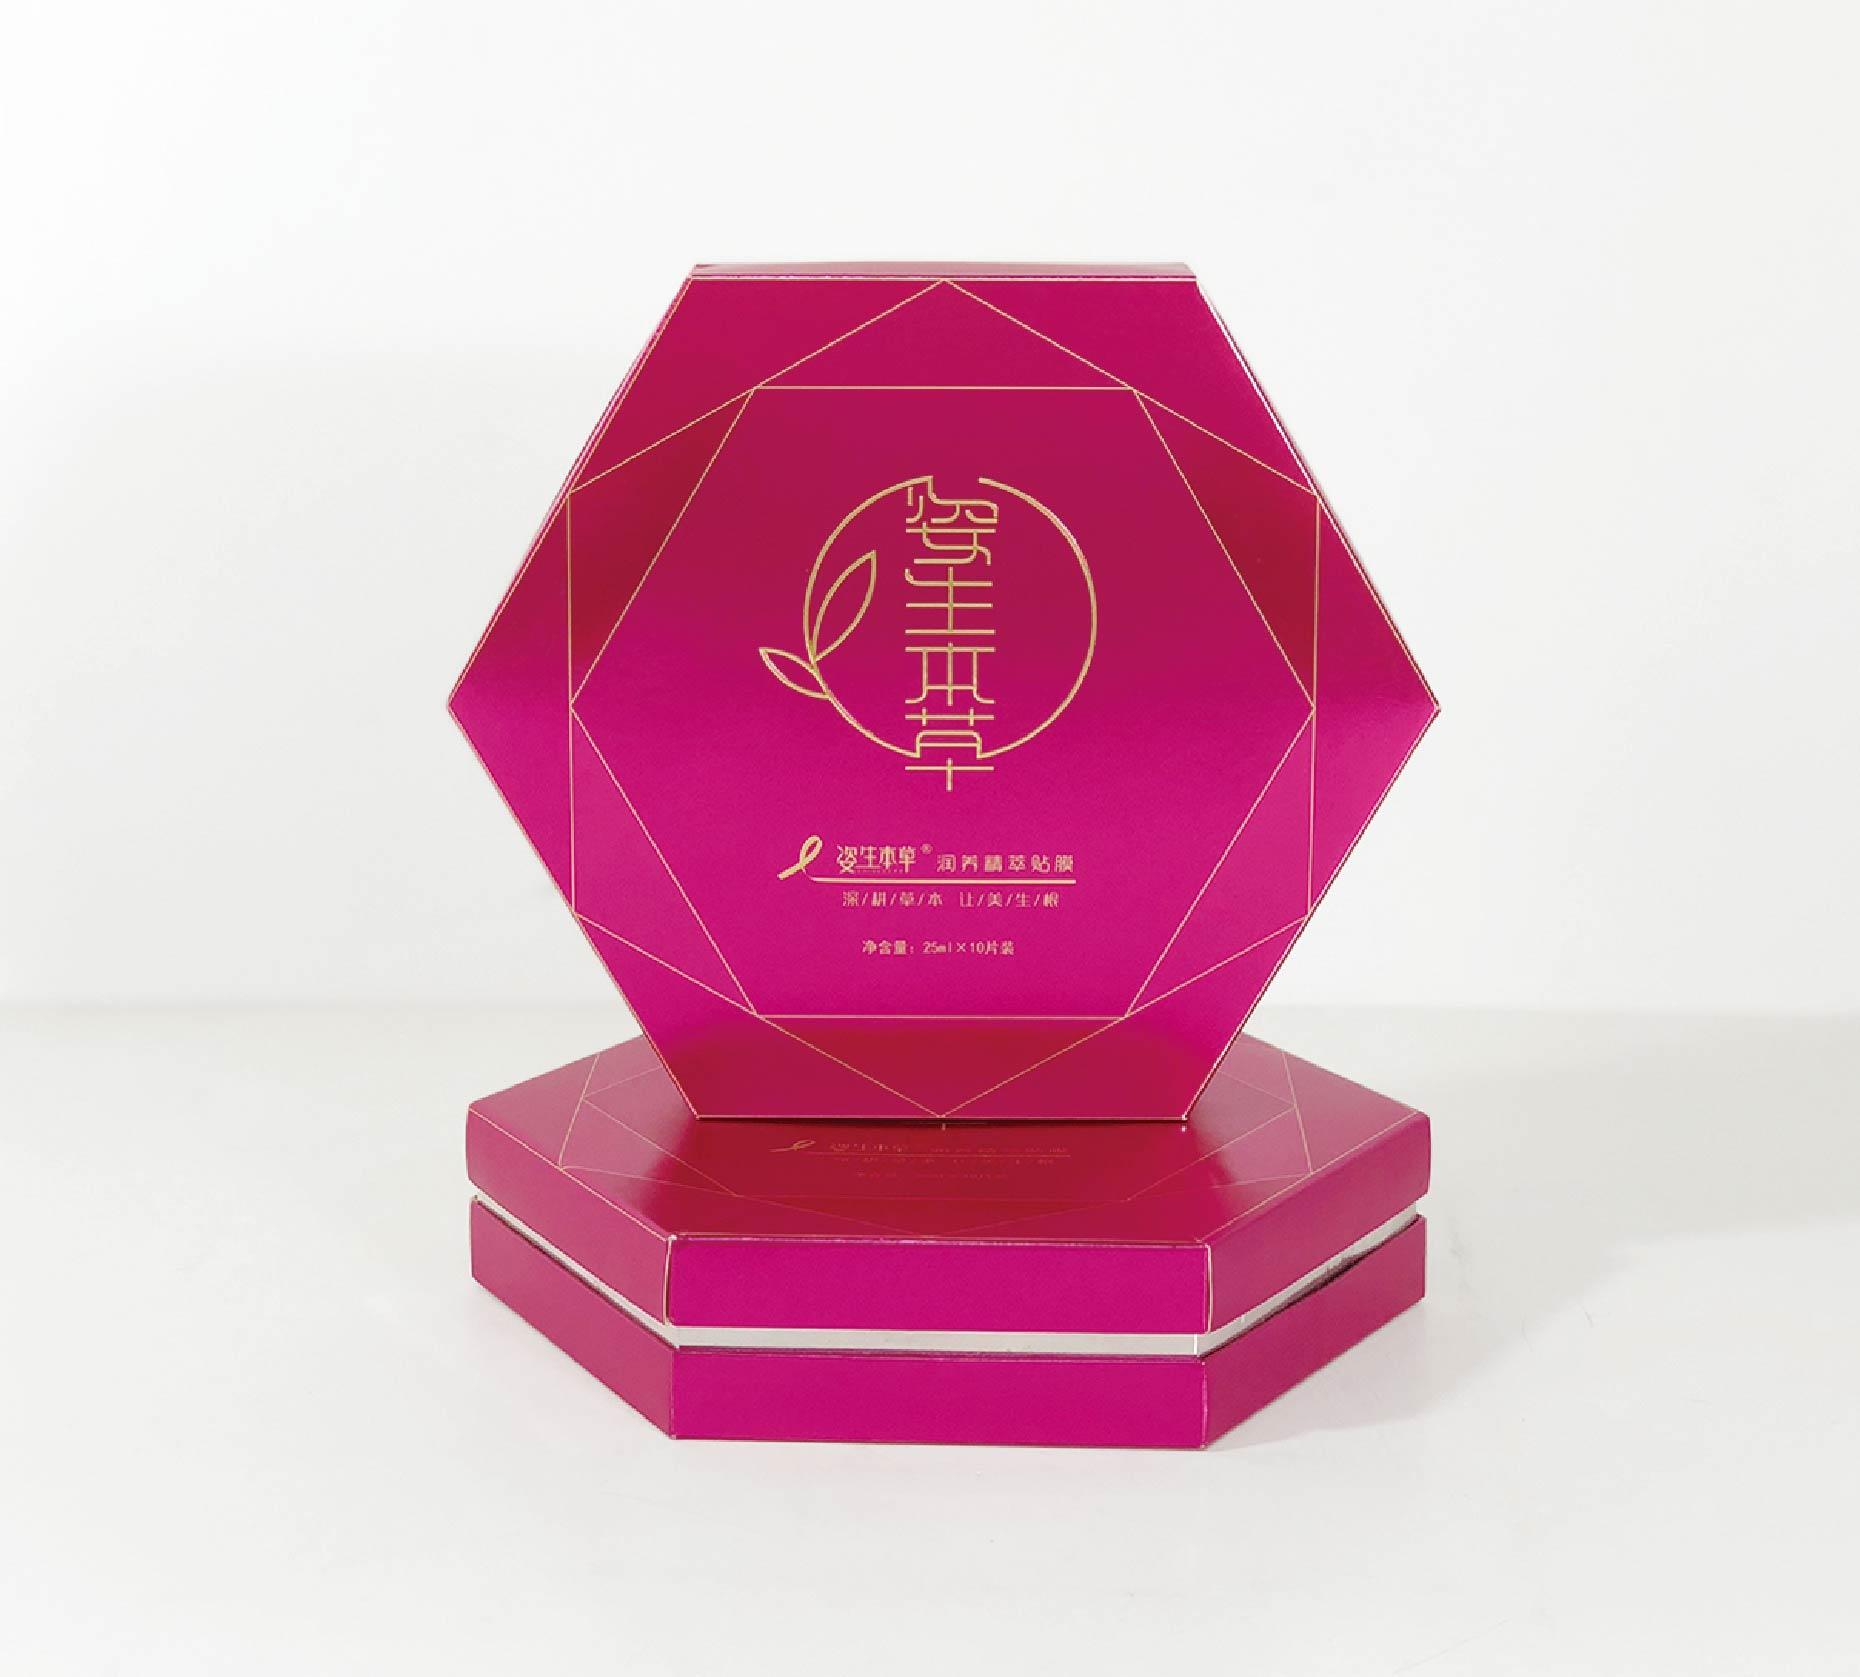 山东优质礼盒包装印刷工厂高端定制-济南尚邦佳品包装制品有限公司